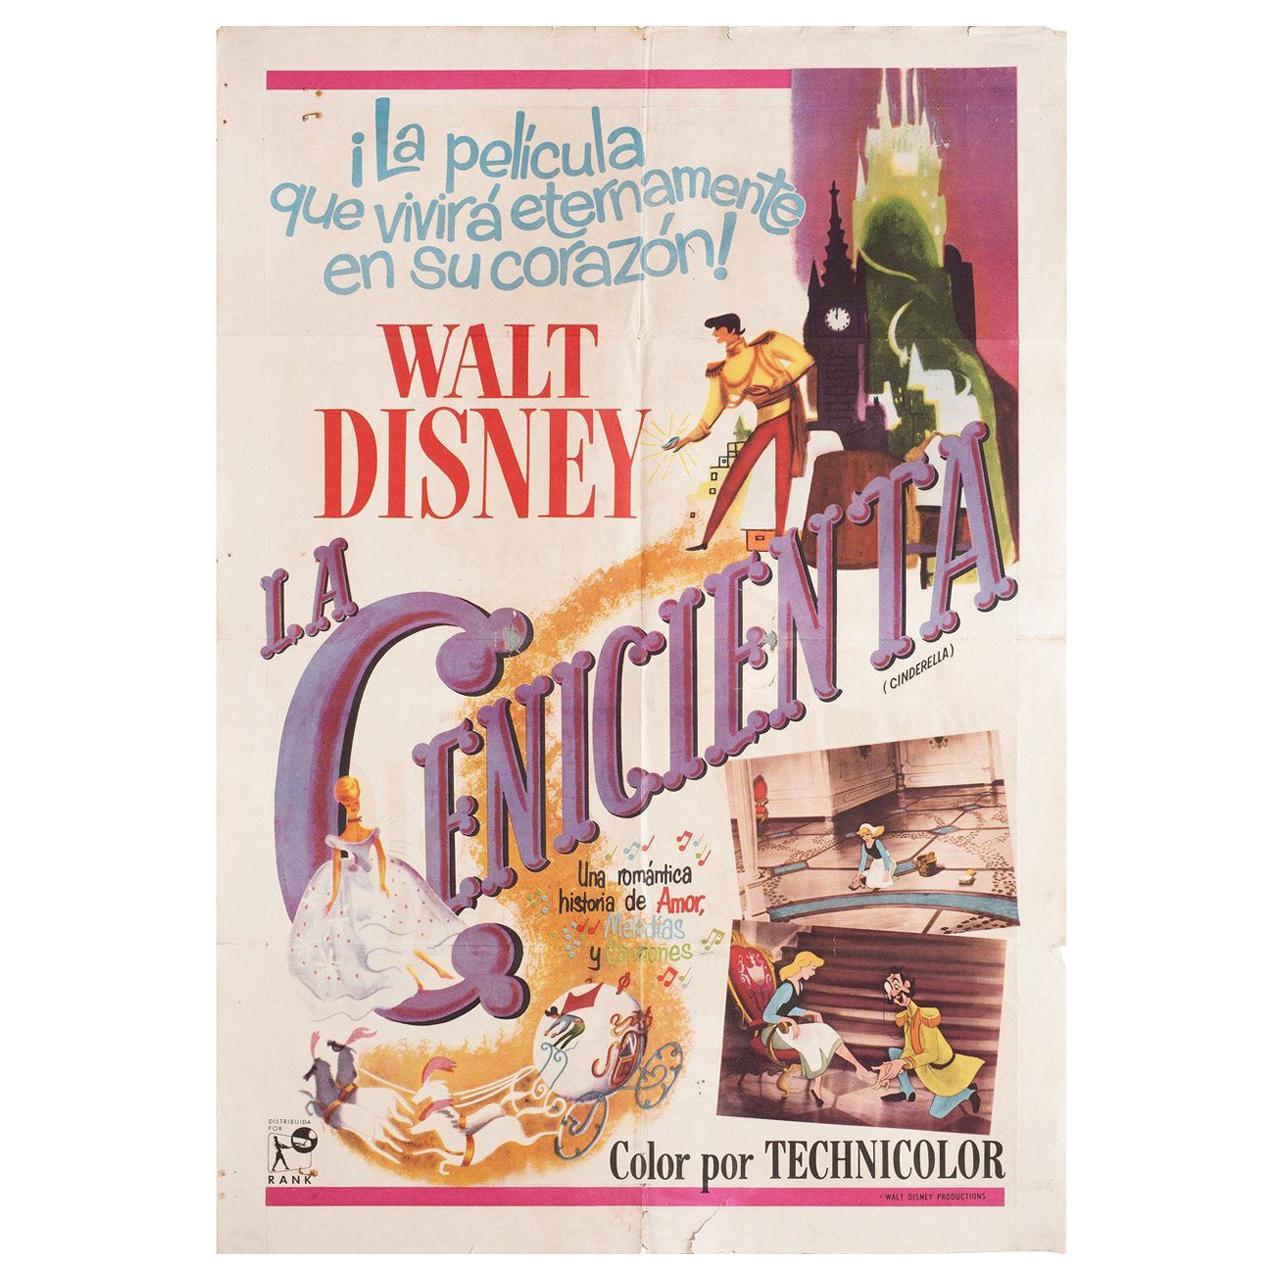 Cinderella R1960s Argentine Film Poster